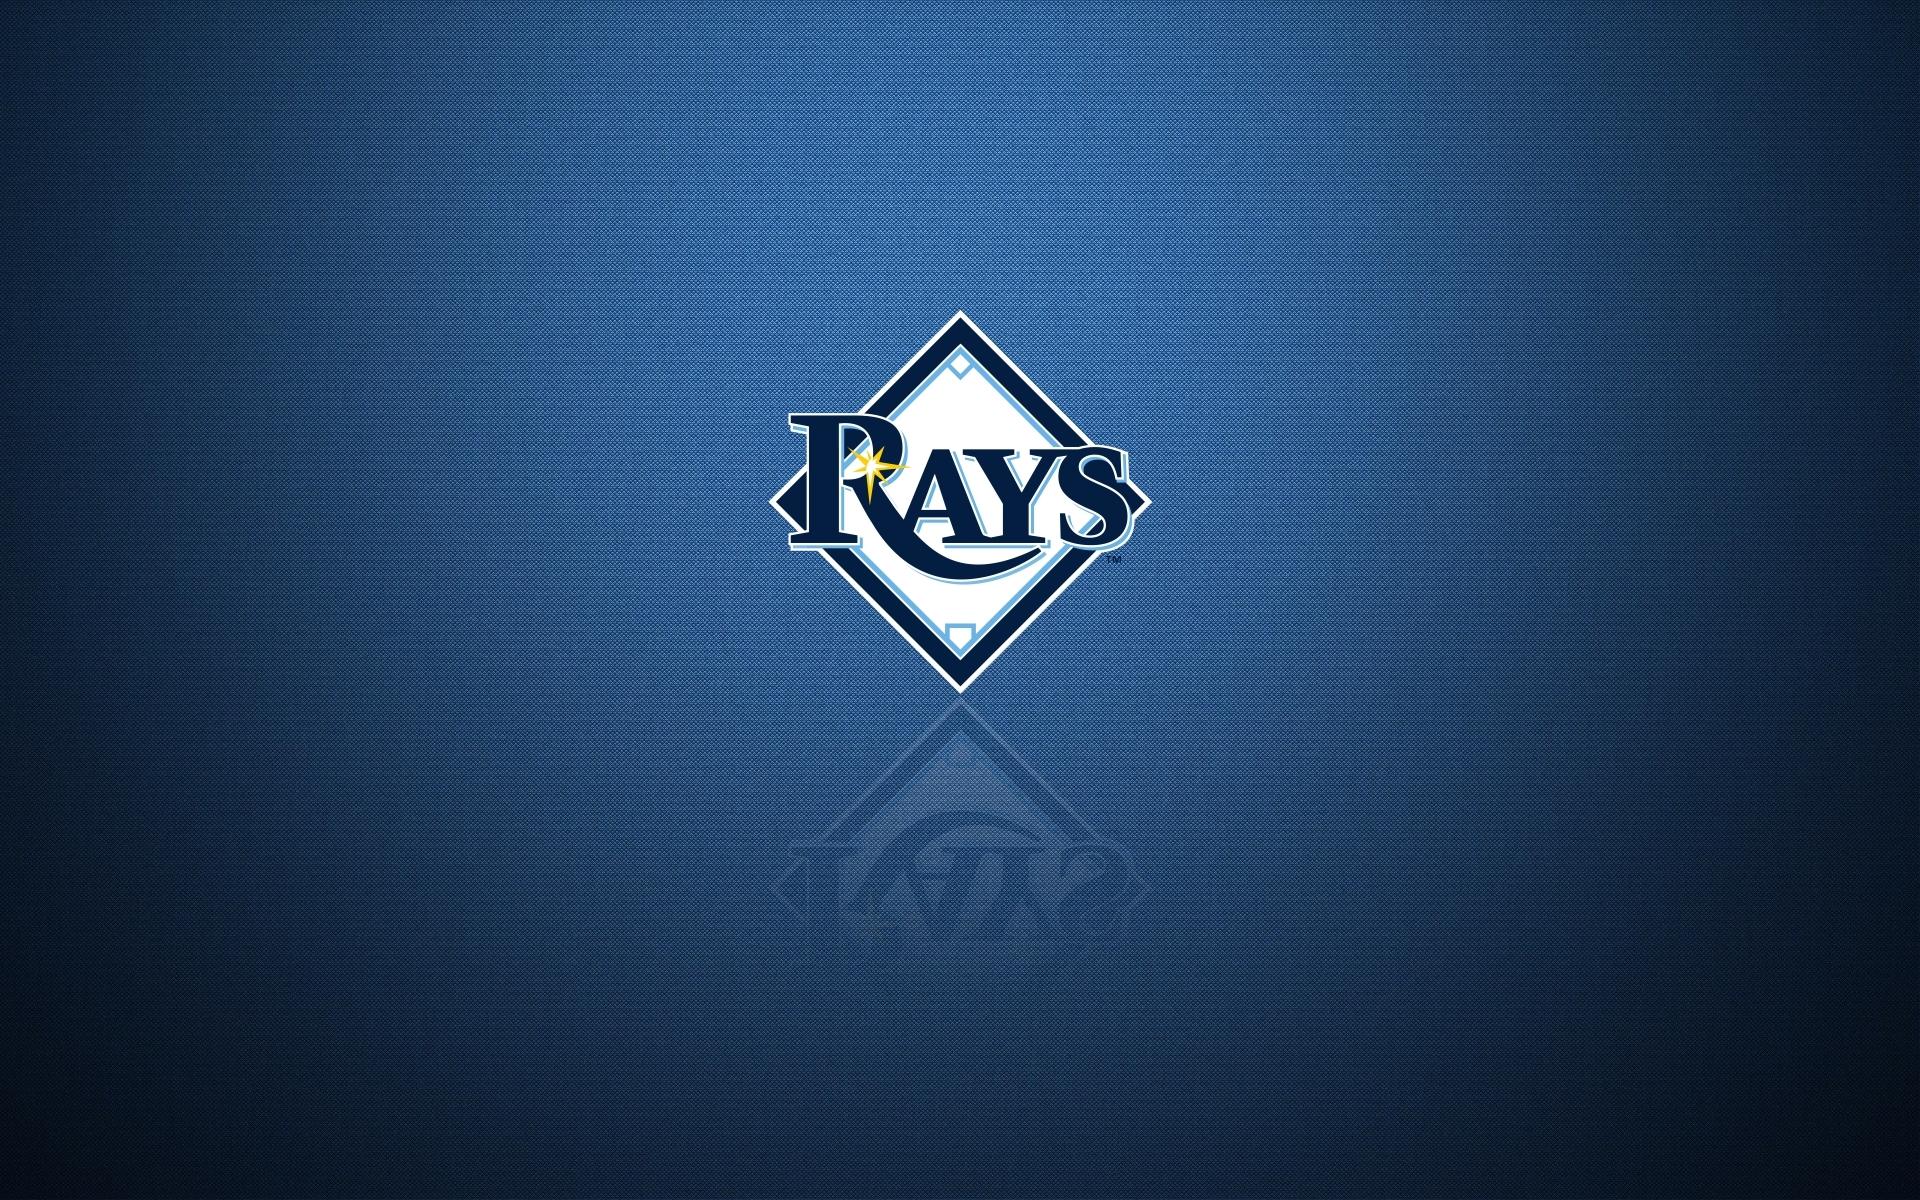 Tampa Bay Rays – Logos Download